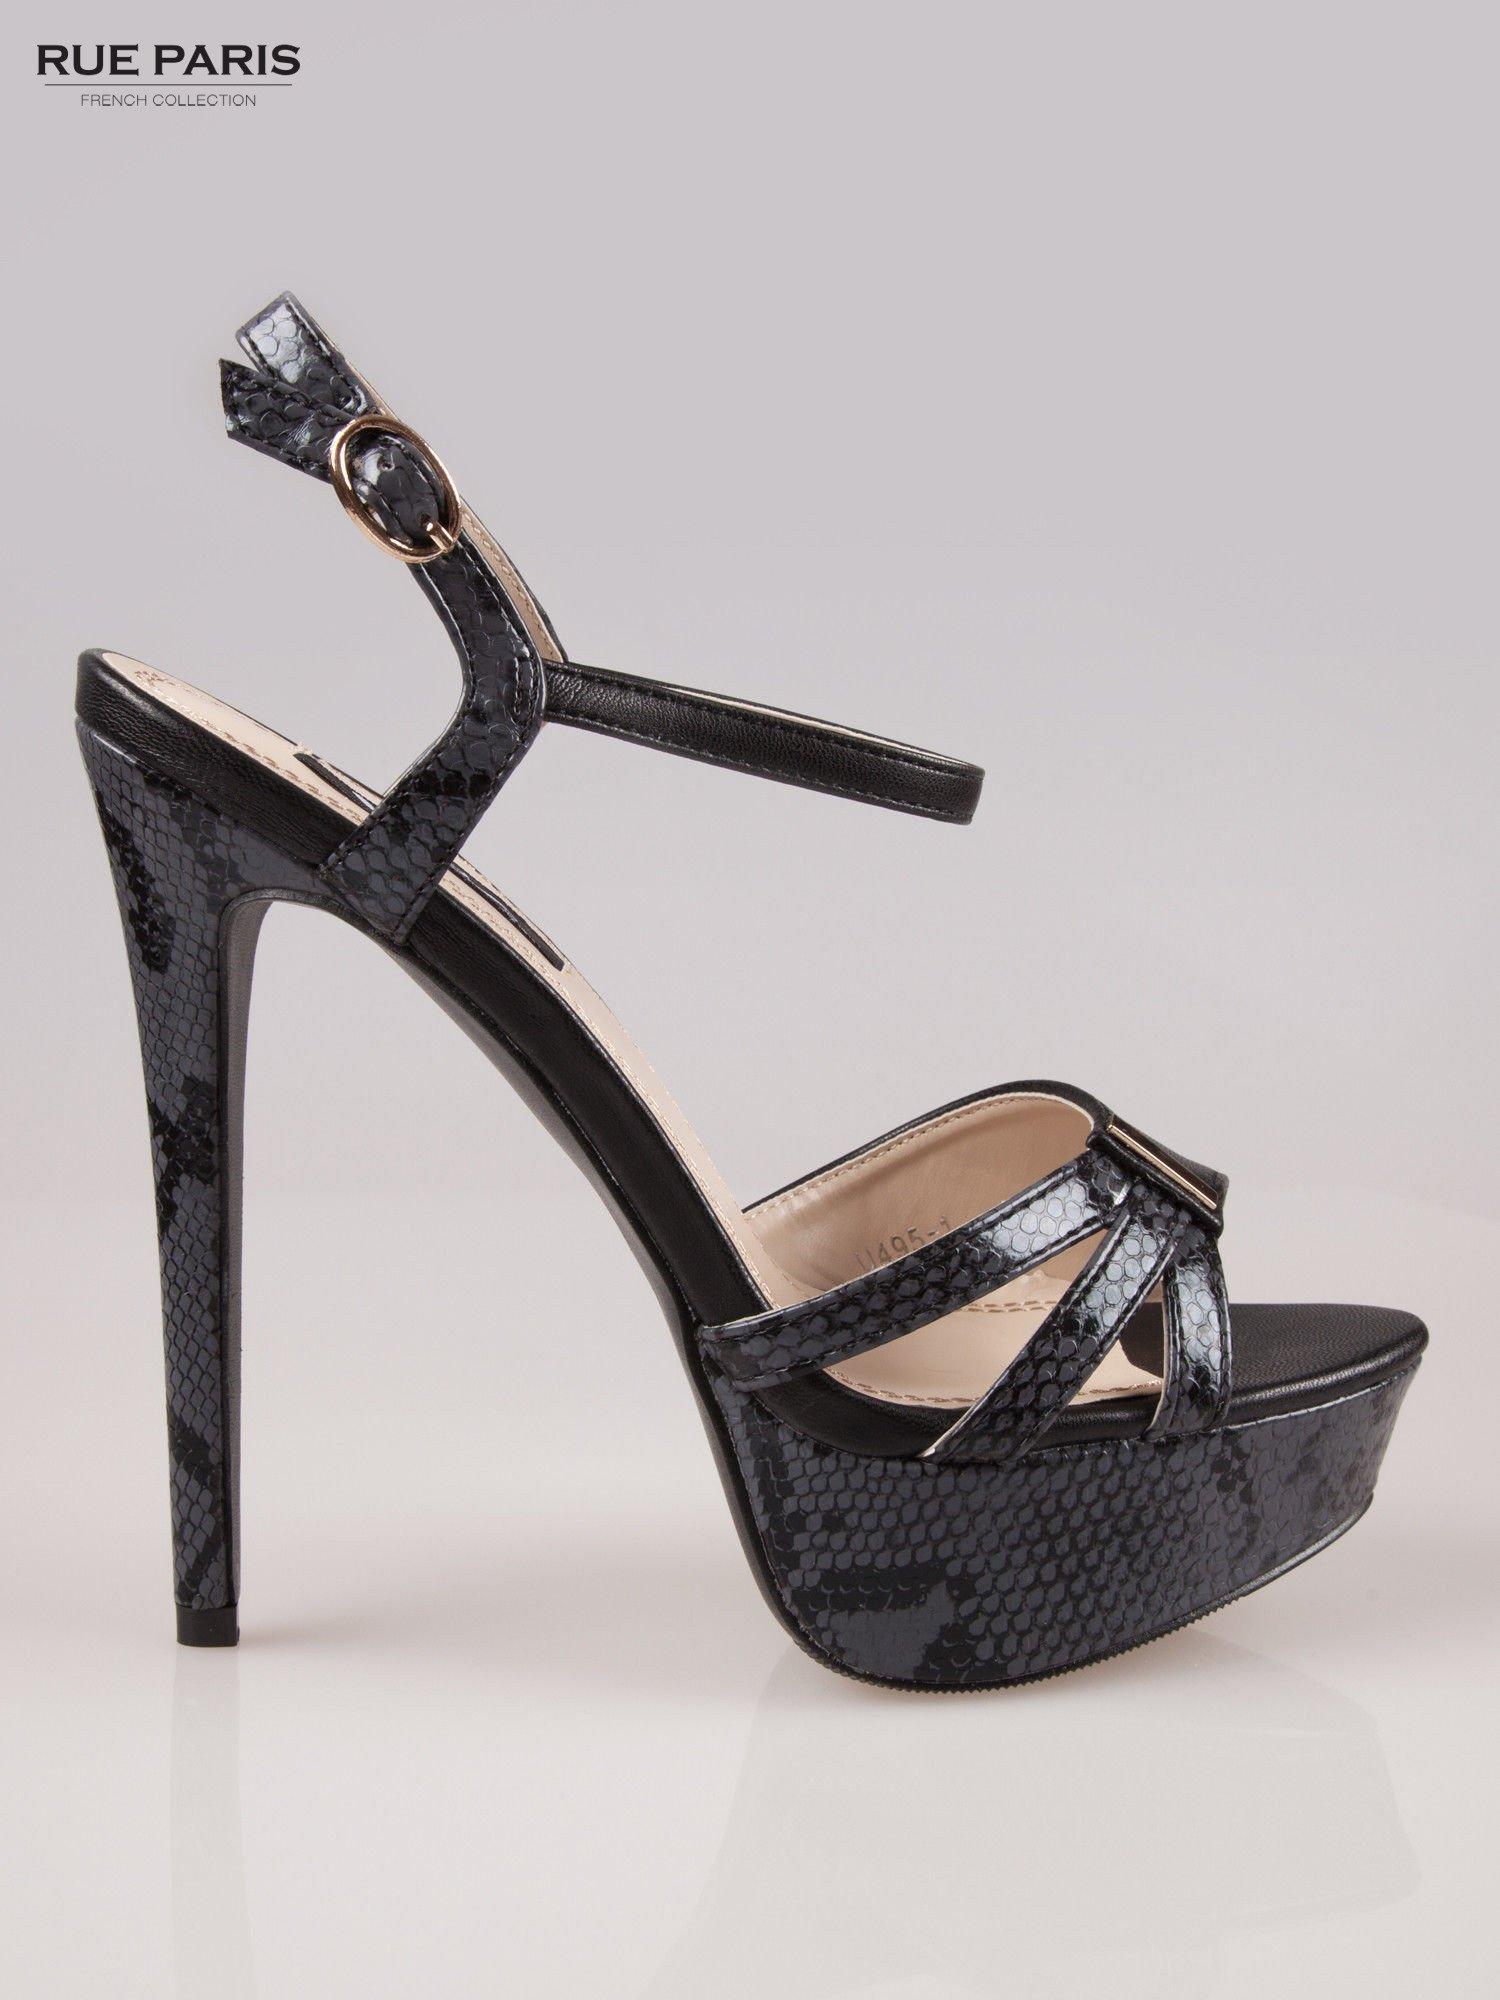 Czarne wężowe sandały na szpilce Amber zapinane na kostce                                  zdj.                                  1